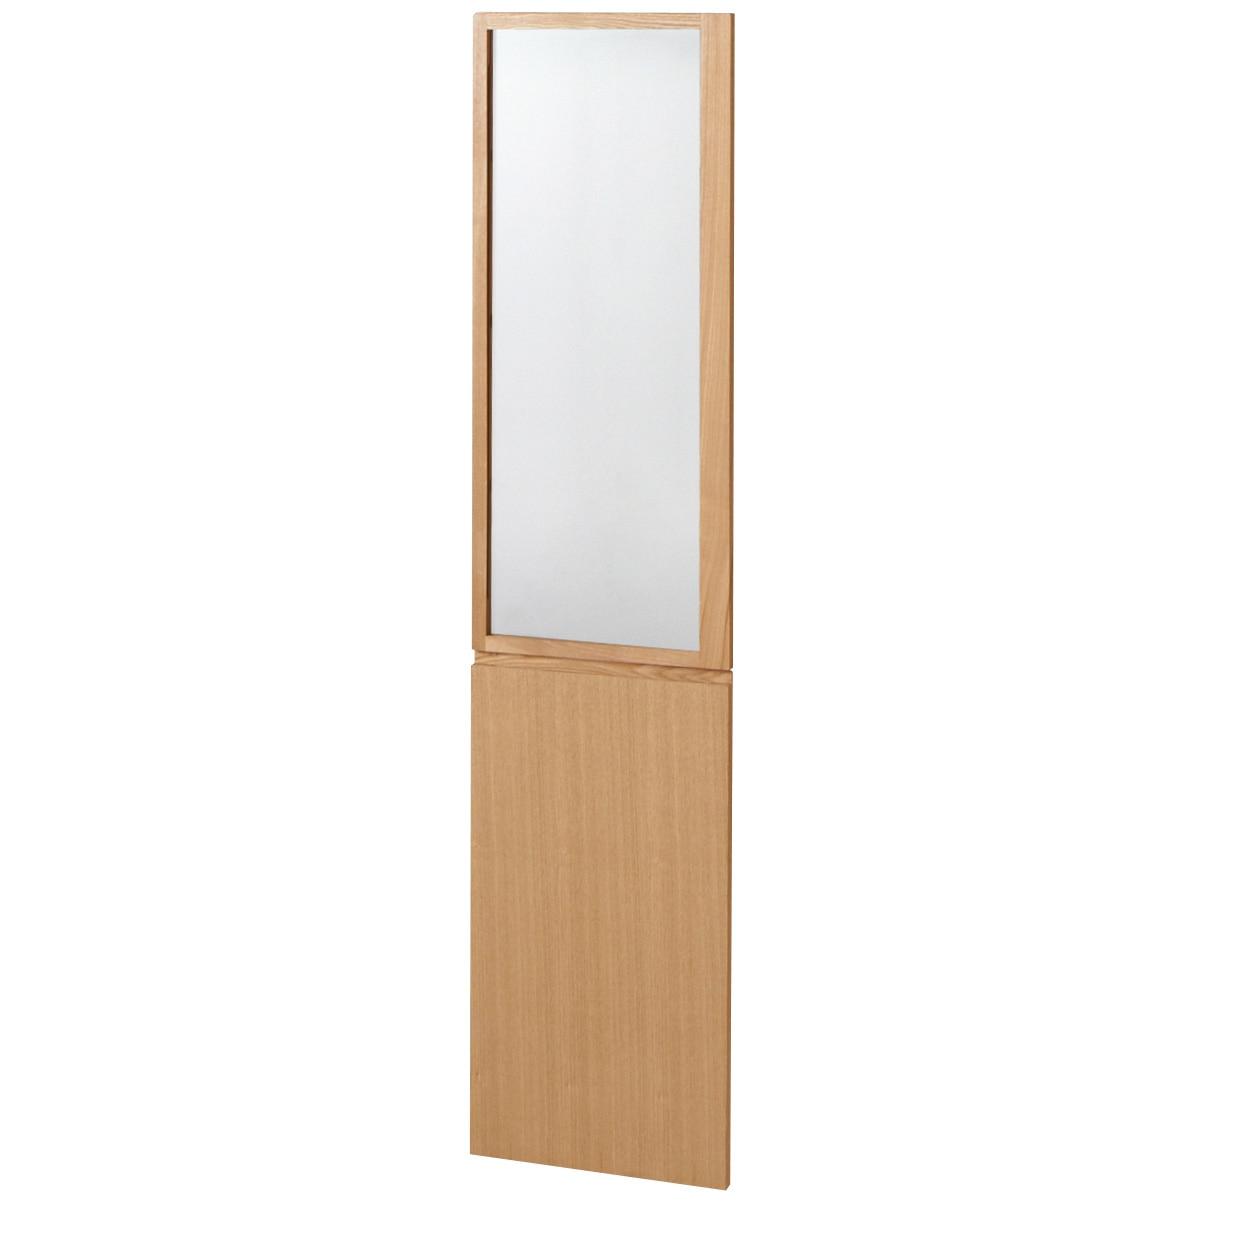 組み合わせて使える木製収納用扉スリム(ガラス/木)・ミドルタイプ用